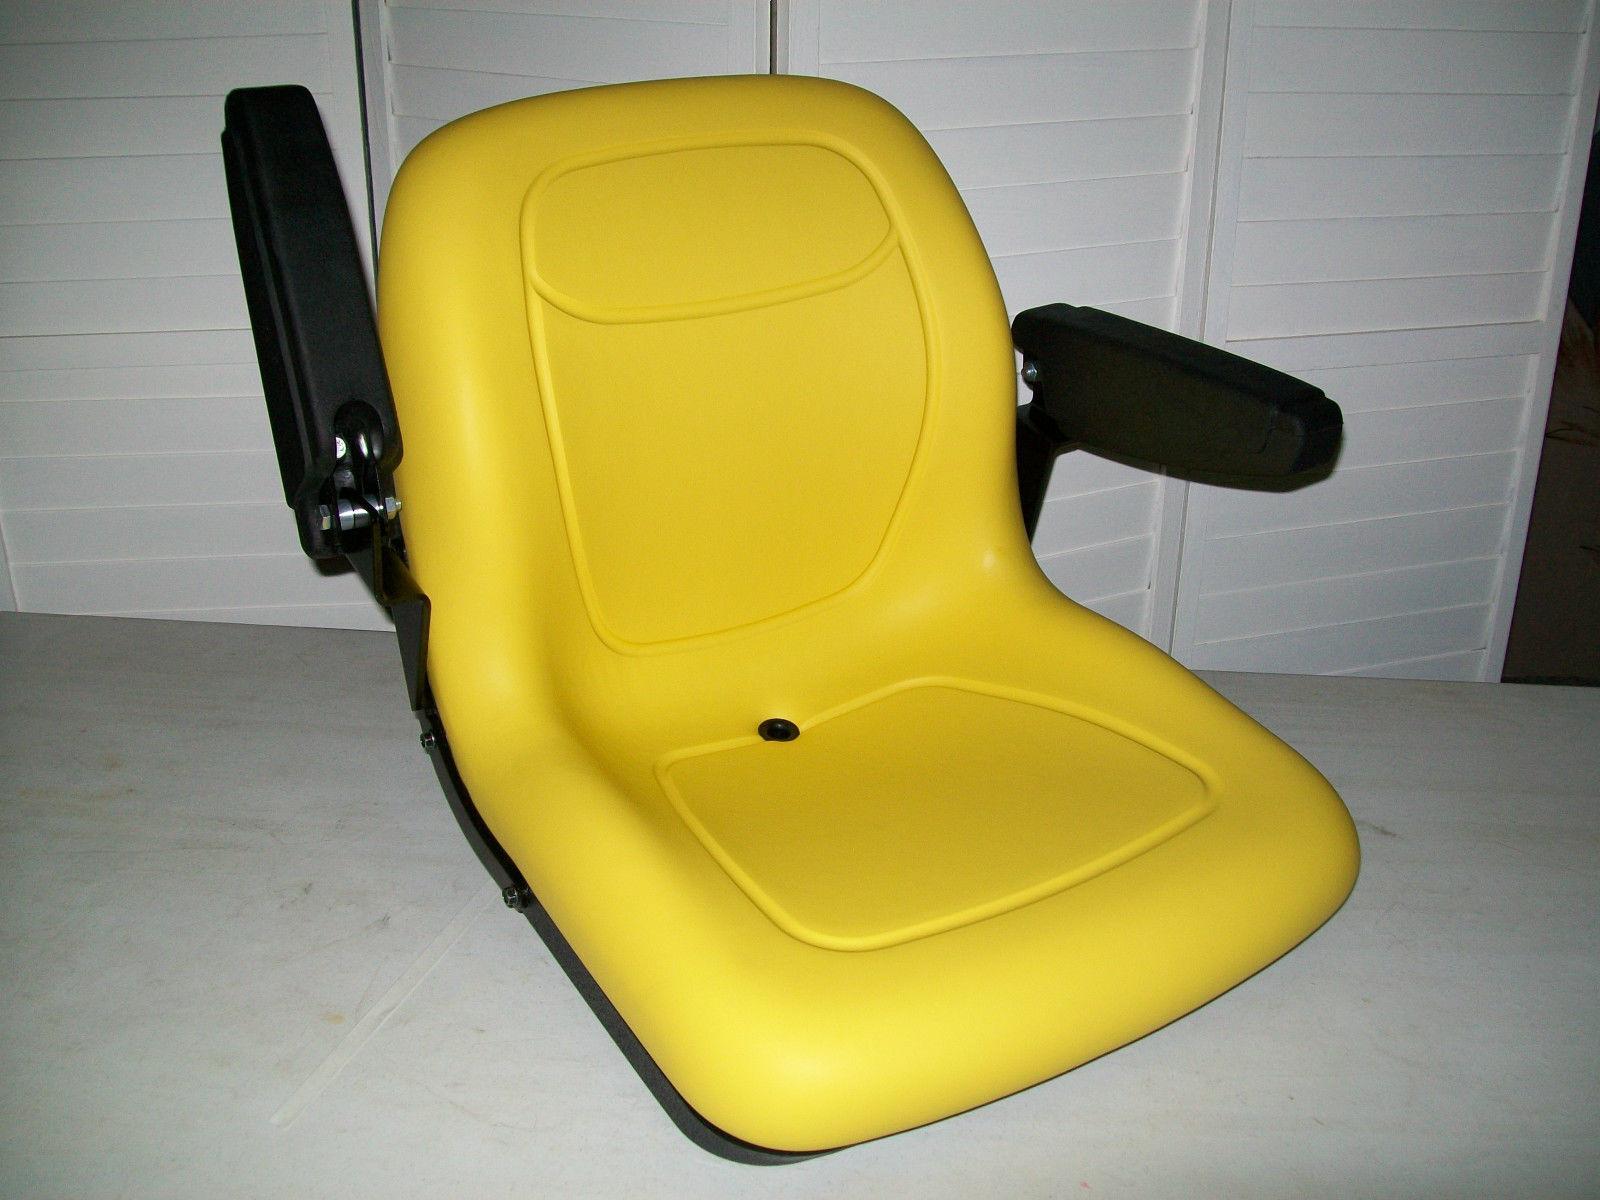 Bench Seat Cover John Deere : John deere zero turn mower seat cover velcromag